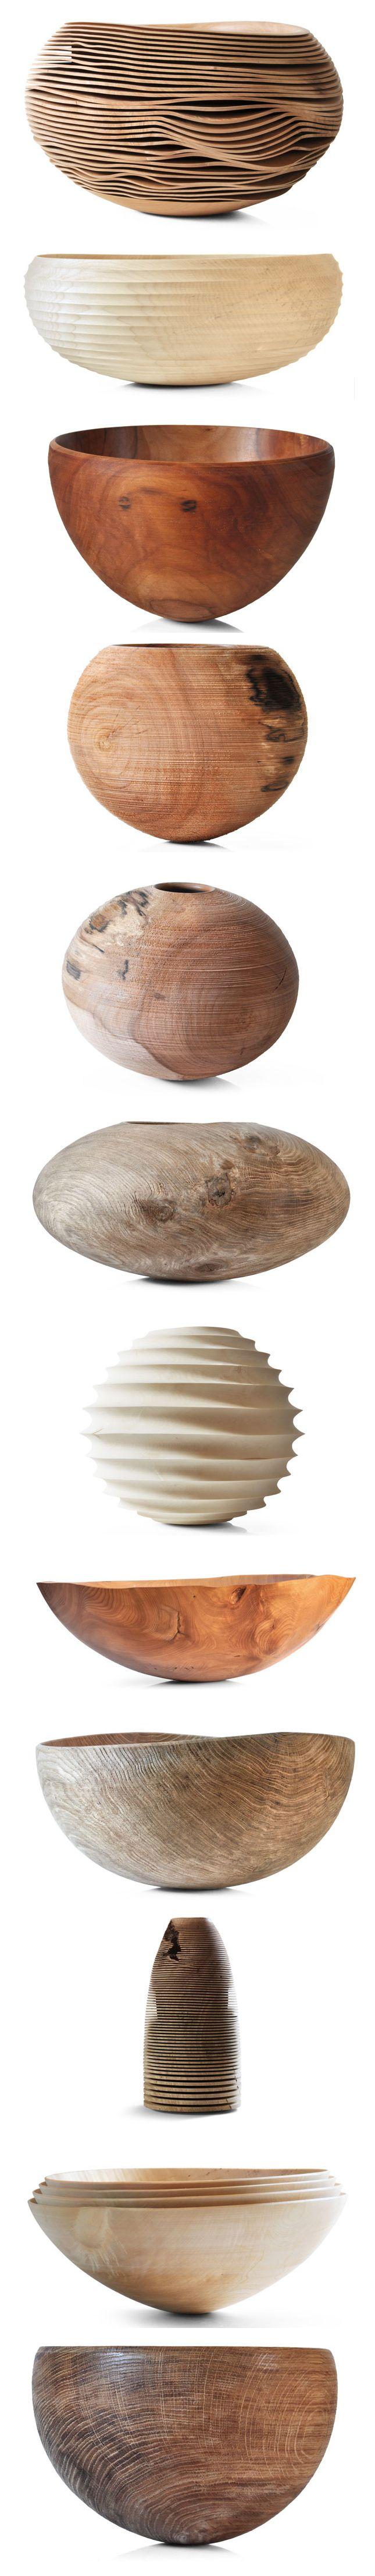 Wooden bowls에 관한 상위 25개 이상의 Pinterest 아이디어  프랑스 ...